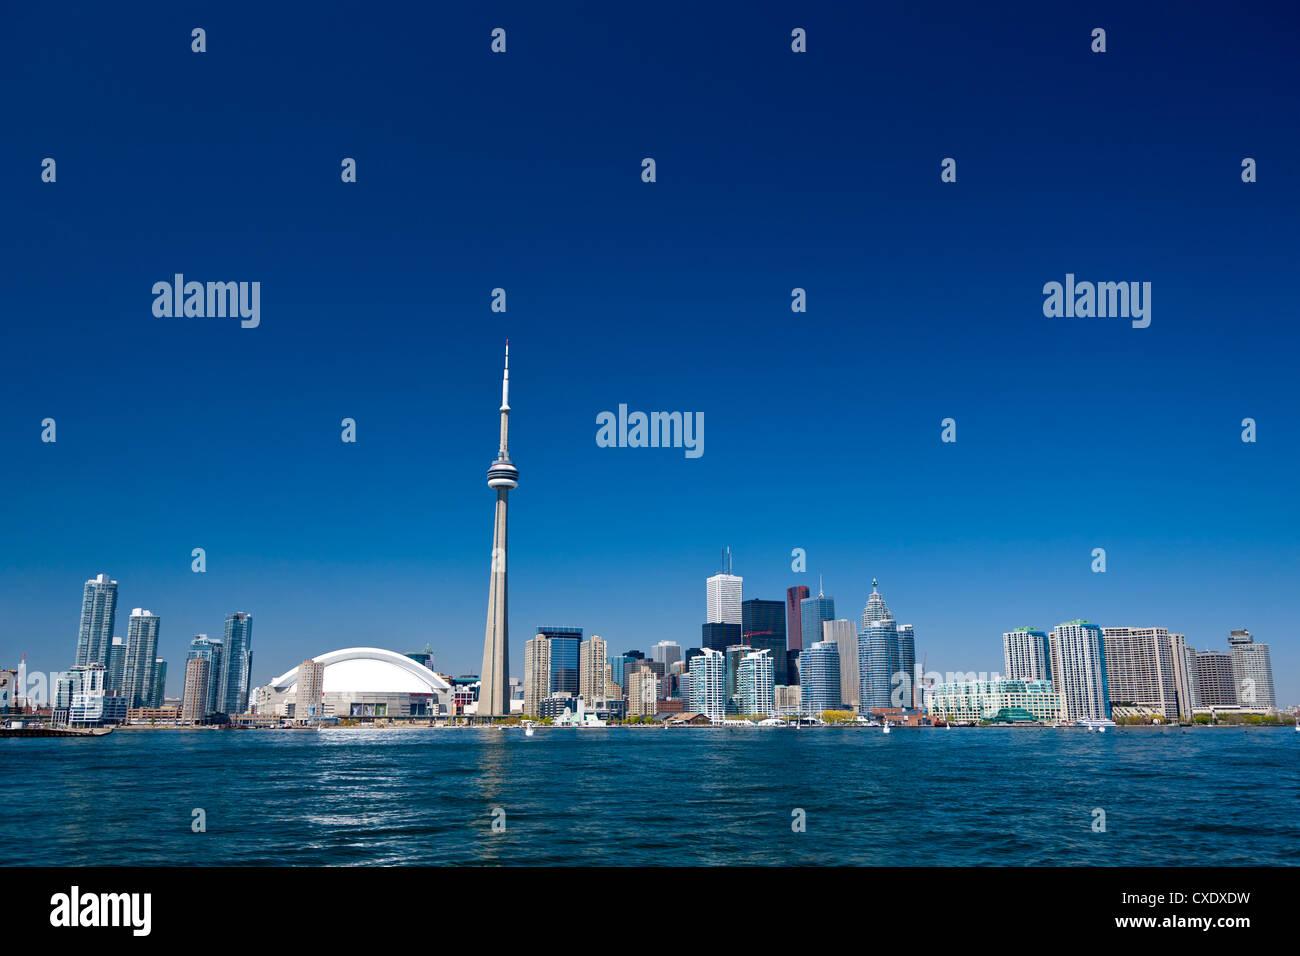 Skyline della città che mostra la CN Tower, Toronto, Ontario, Canada, America del Nord Immagini Stock